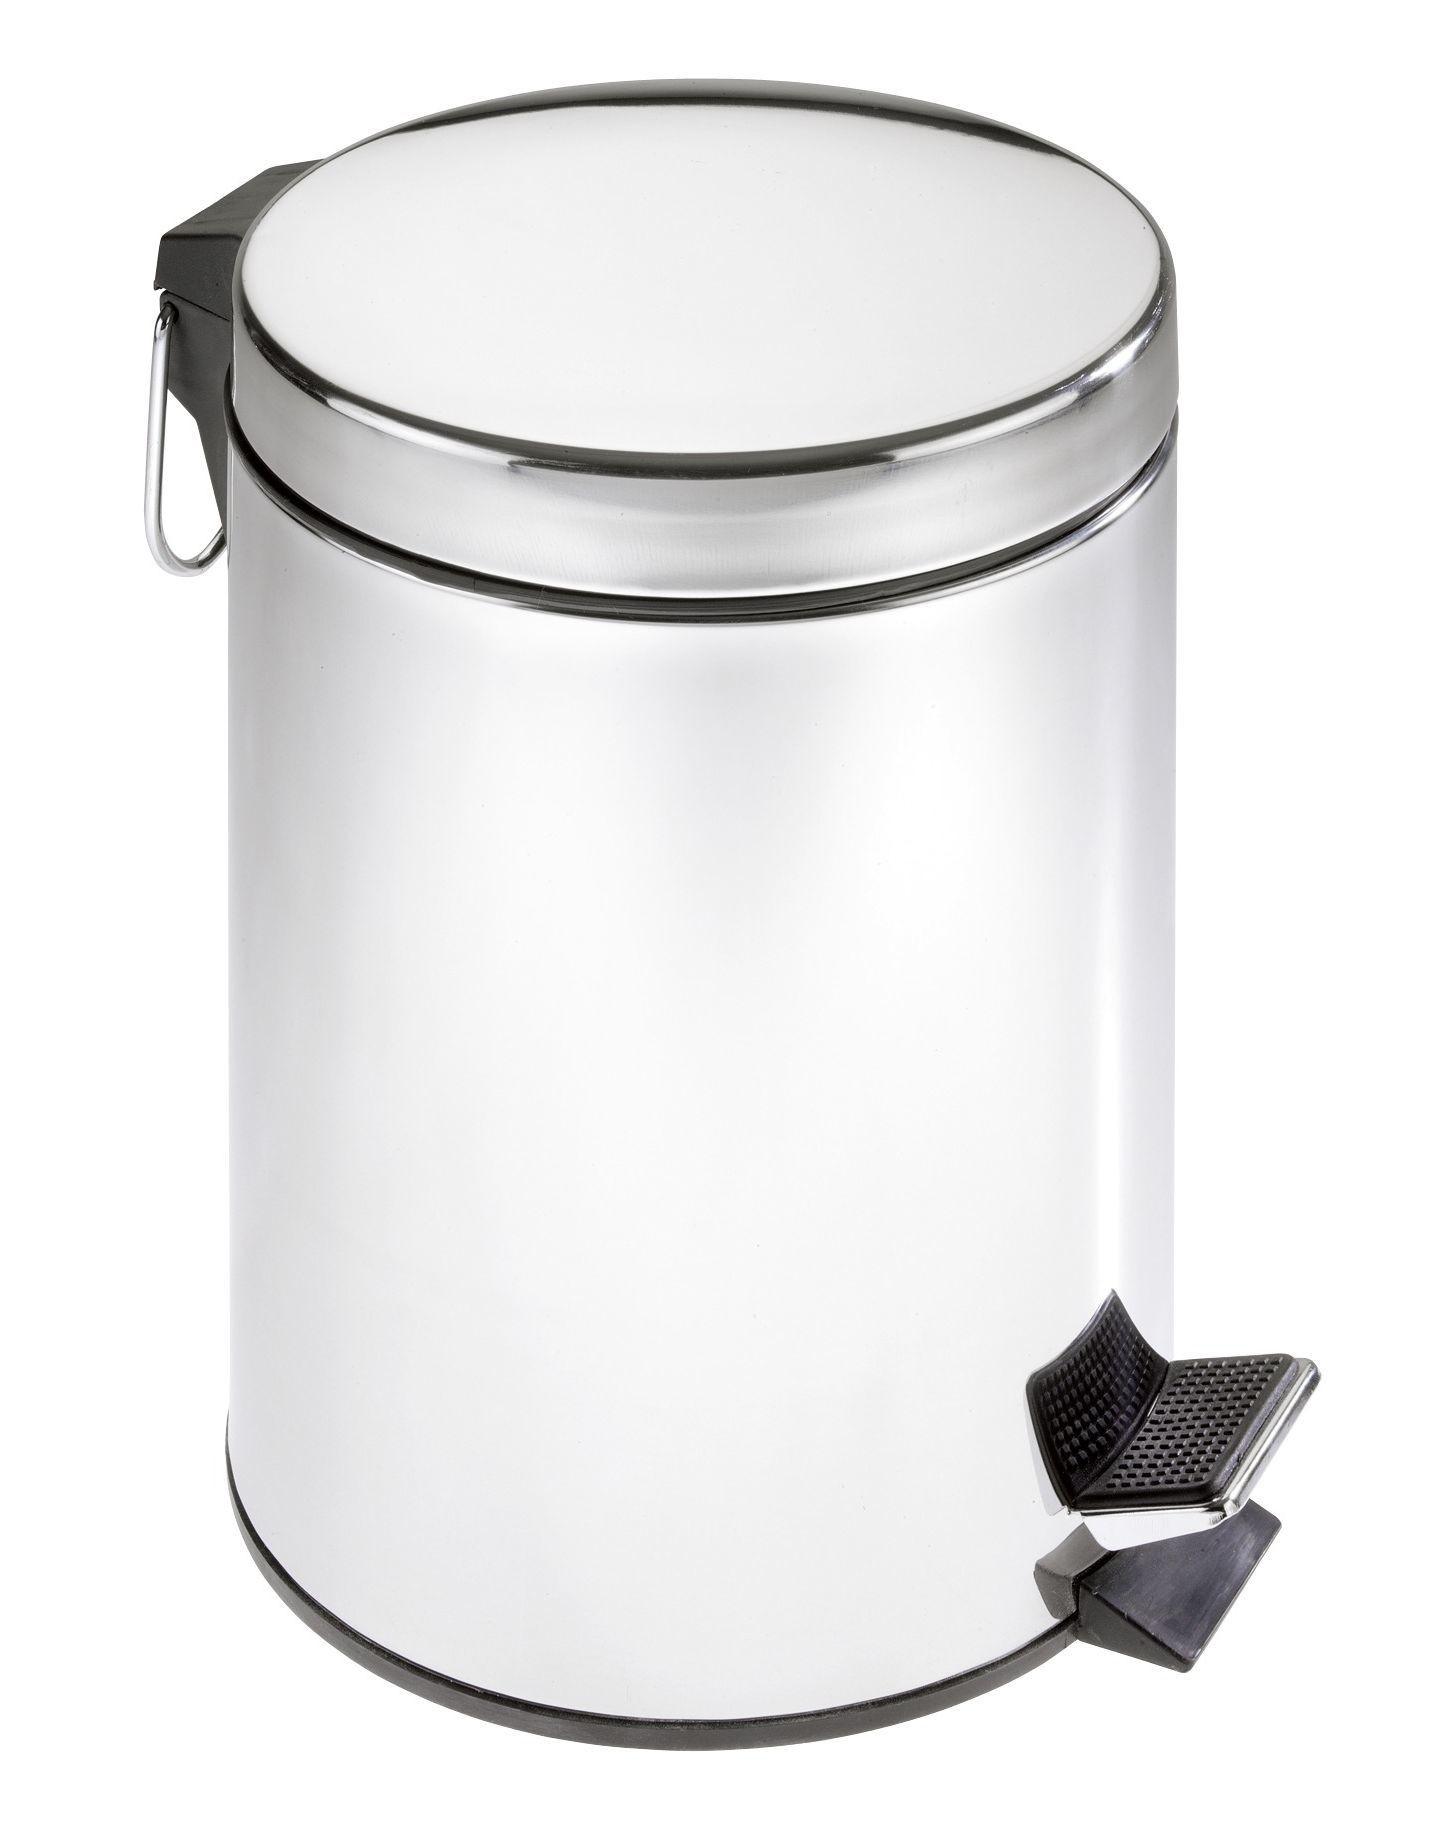 Wenko Kosmetik-Treteimer Edelstahl, 5 Liter, rostfrei